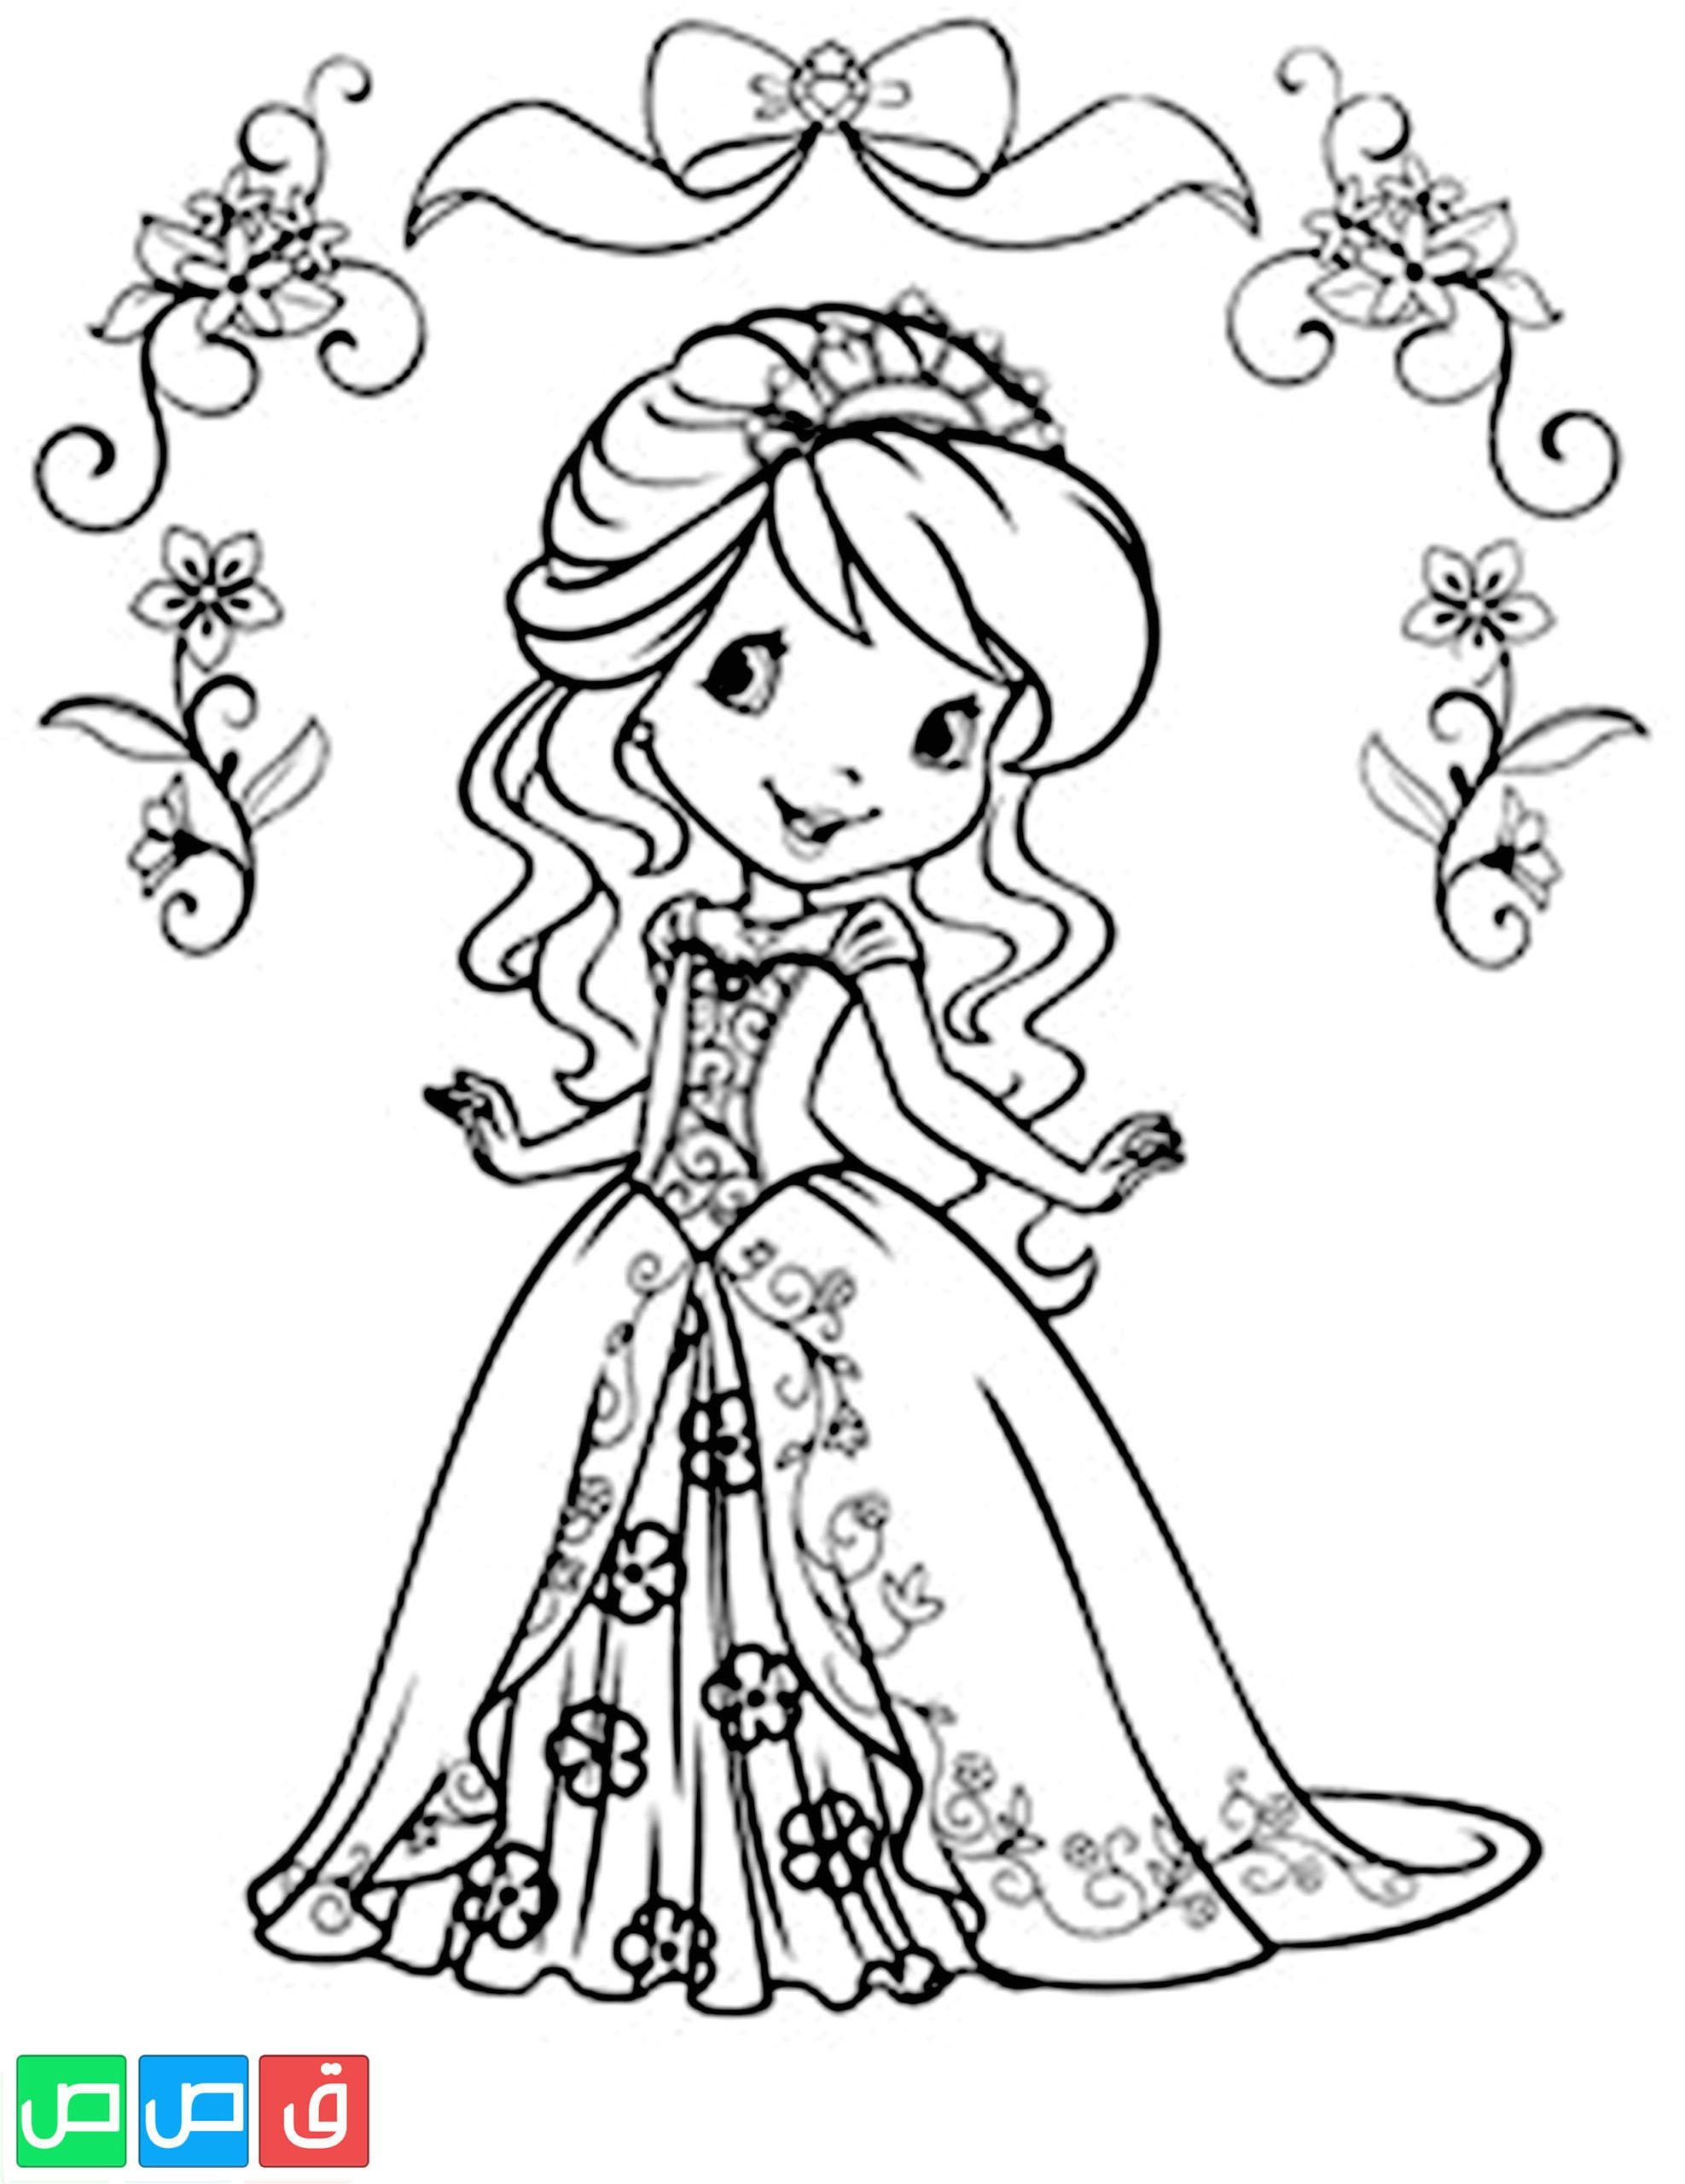 رسمة للتلوين 3 Mermaid Coloring Pages Strawberry Shortcake Coloring Pages Princess Coloring Pages